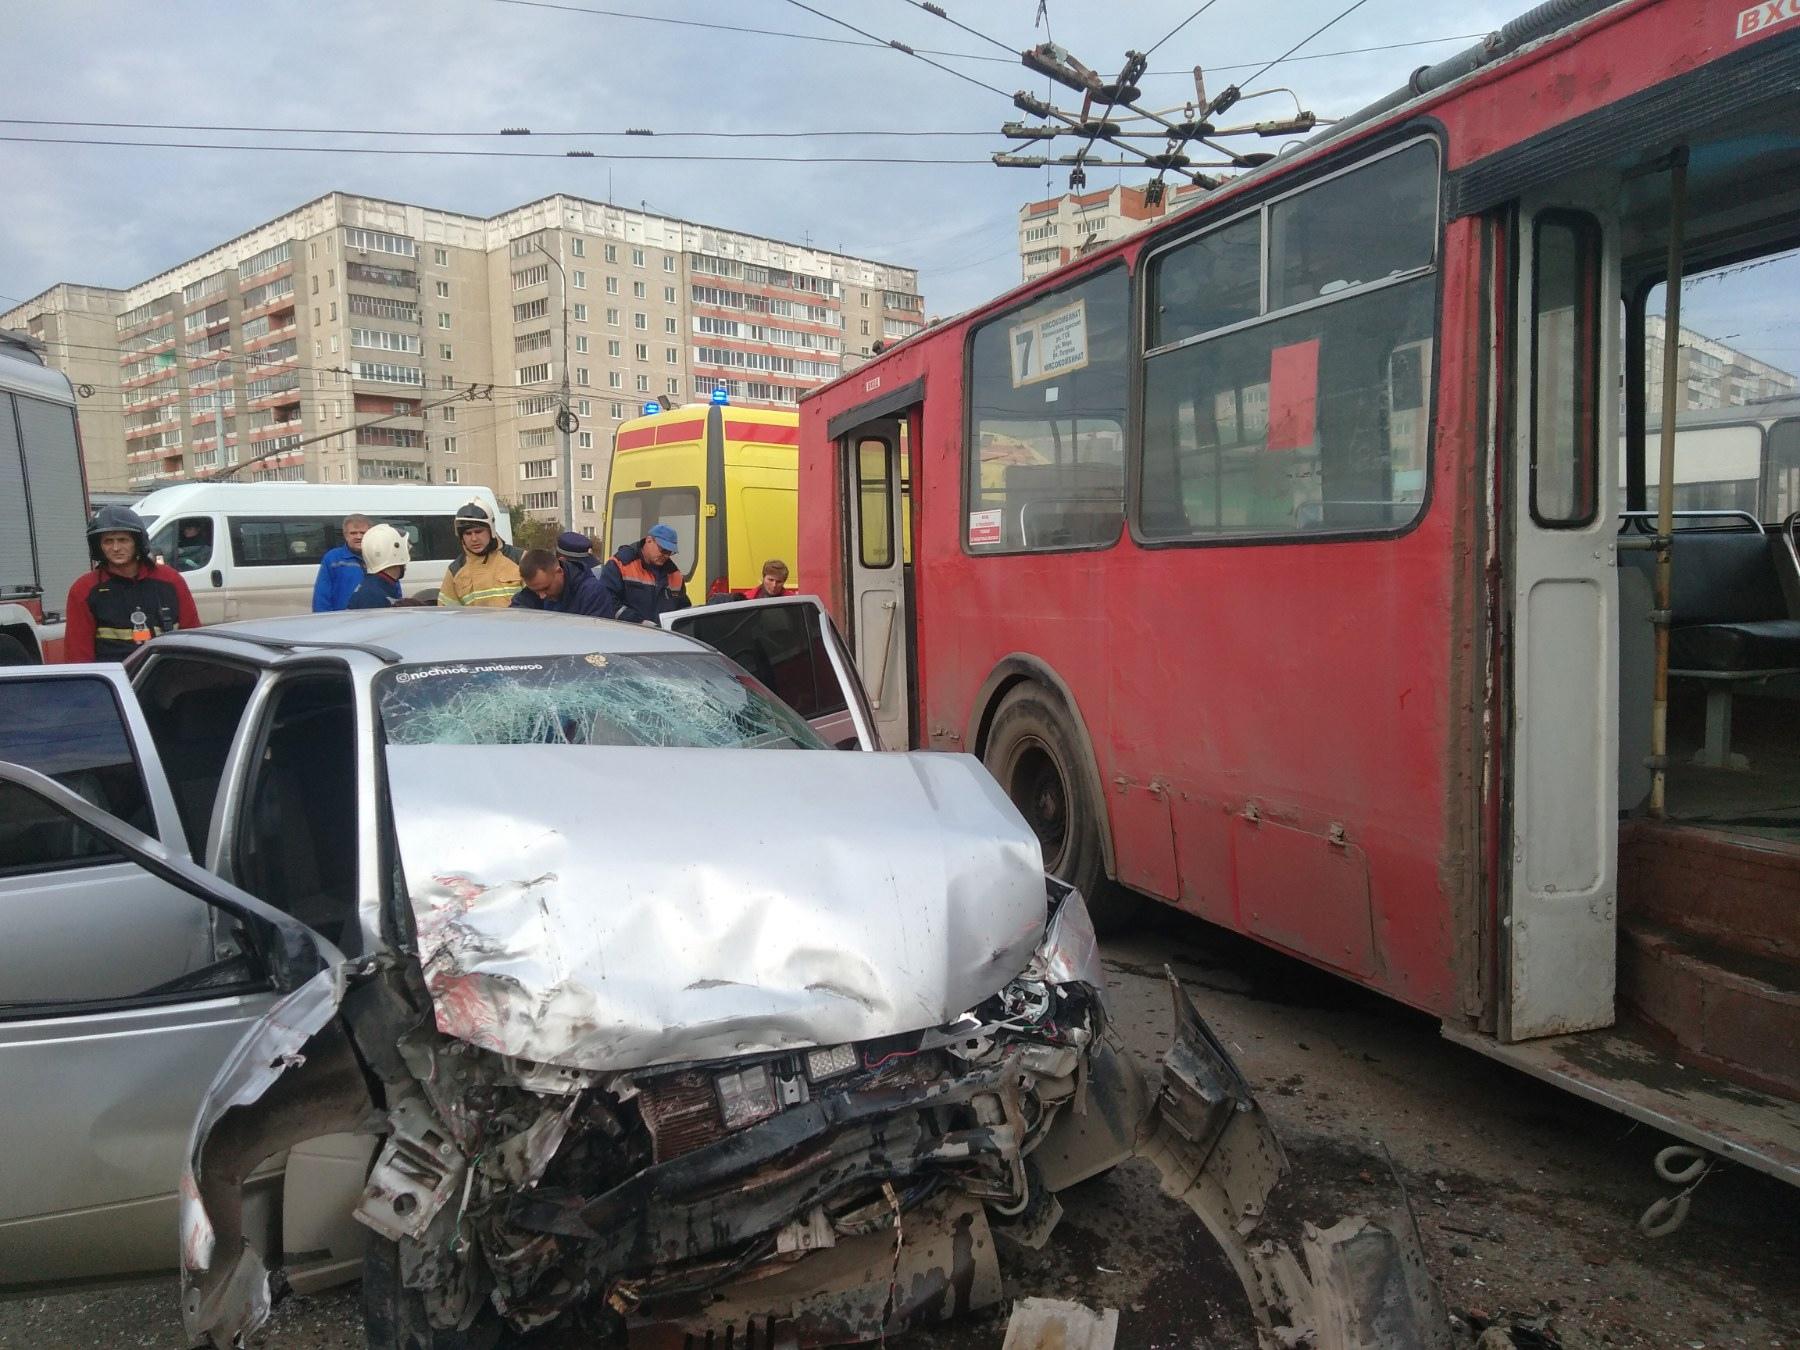 В Йошкар-Оле четыре человека пострадали в ДТП с автомобилем и троллейбусом